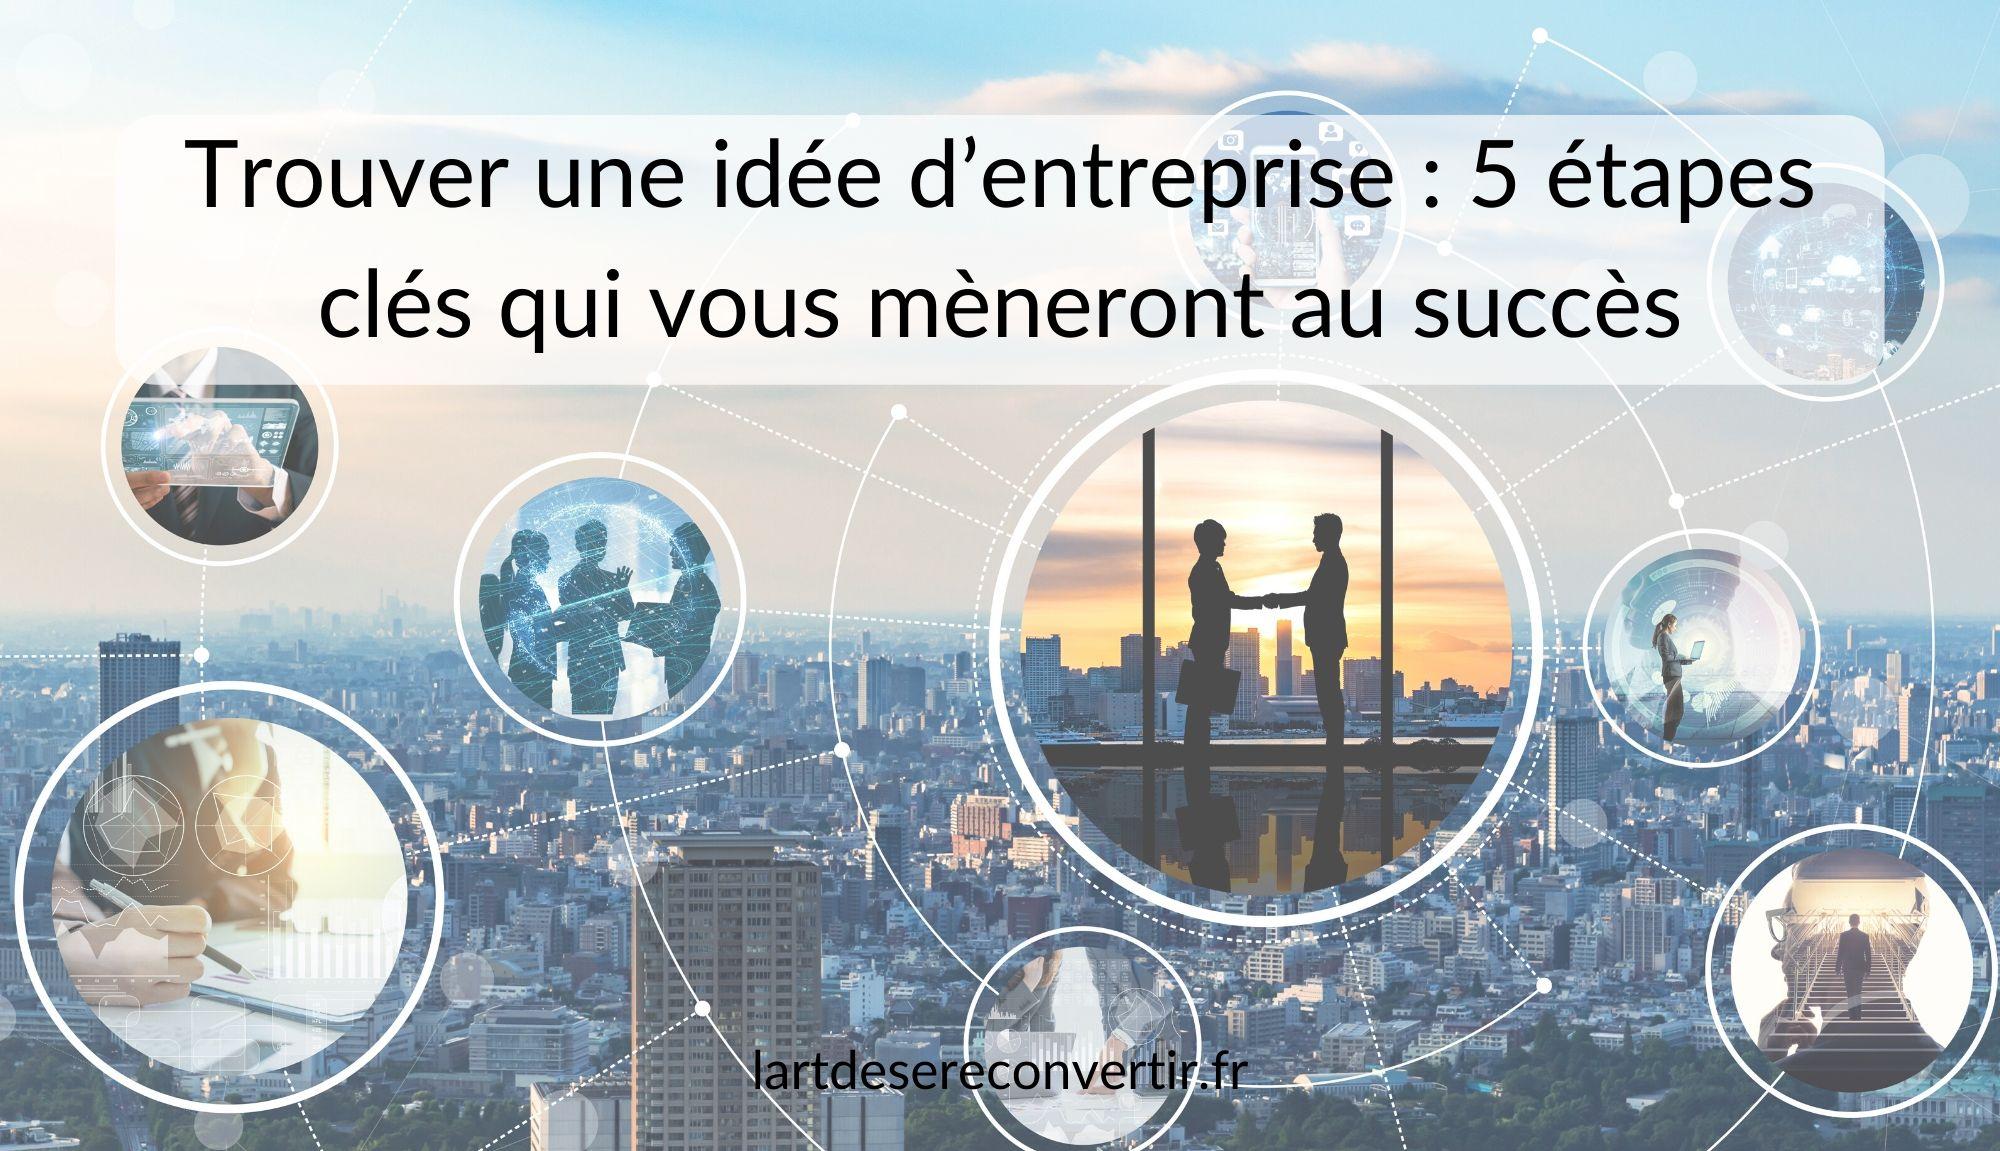 Trouver une idée d'entreprise _ 5 étapes clés qui vous mèneront au succès